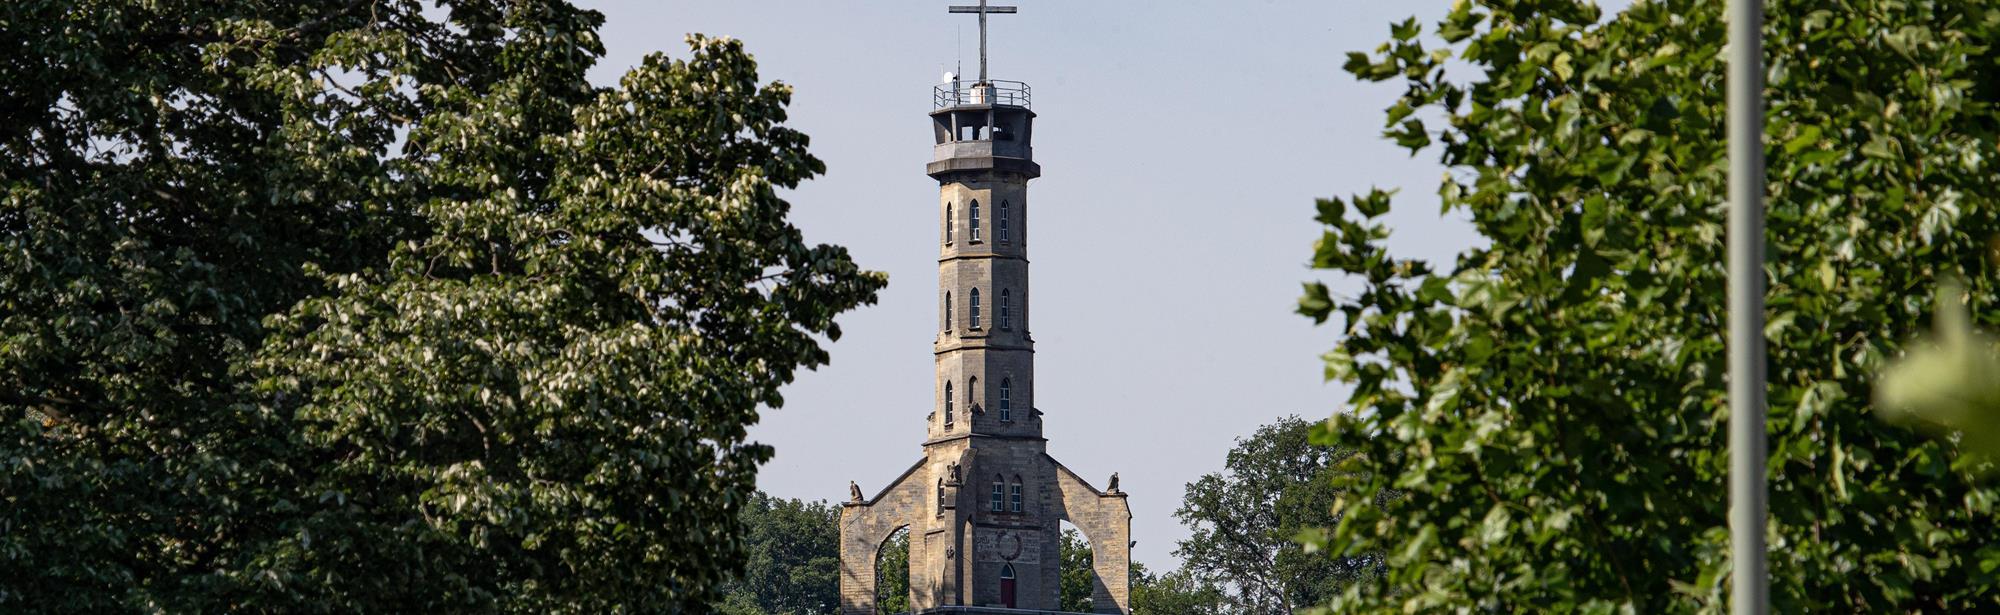 Wilhelminatoren